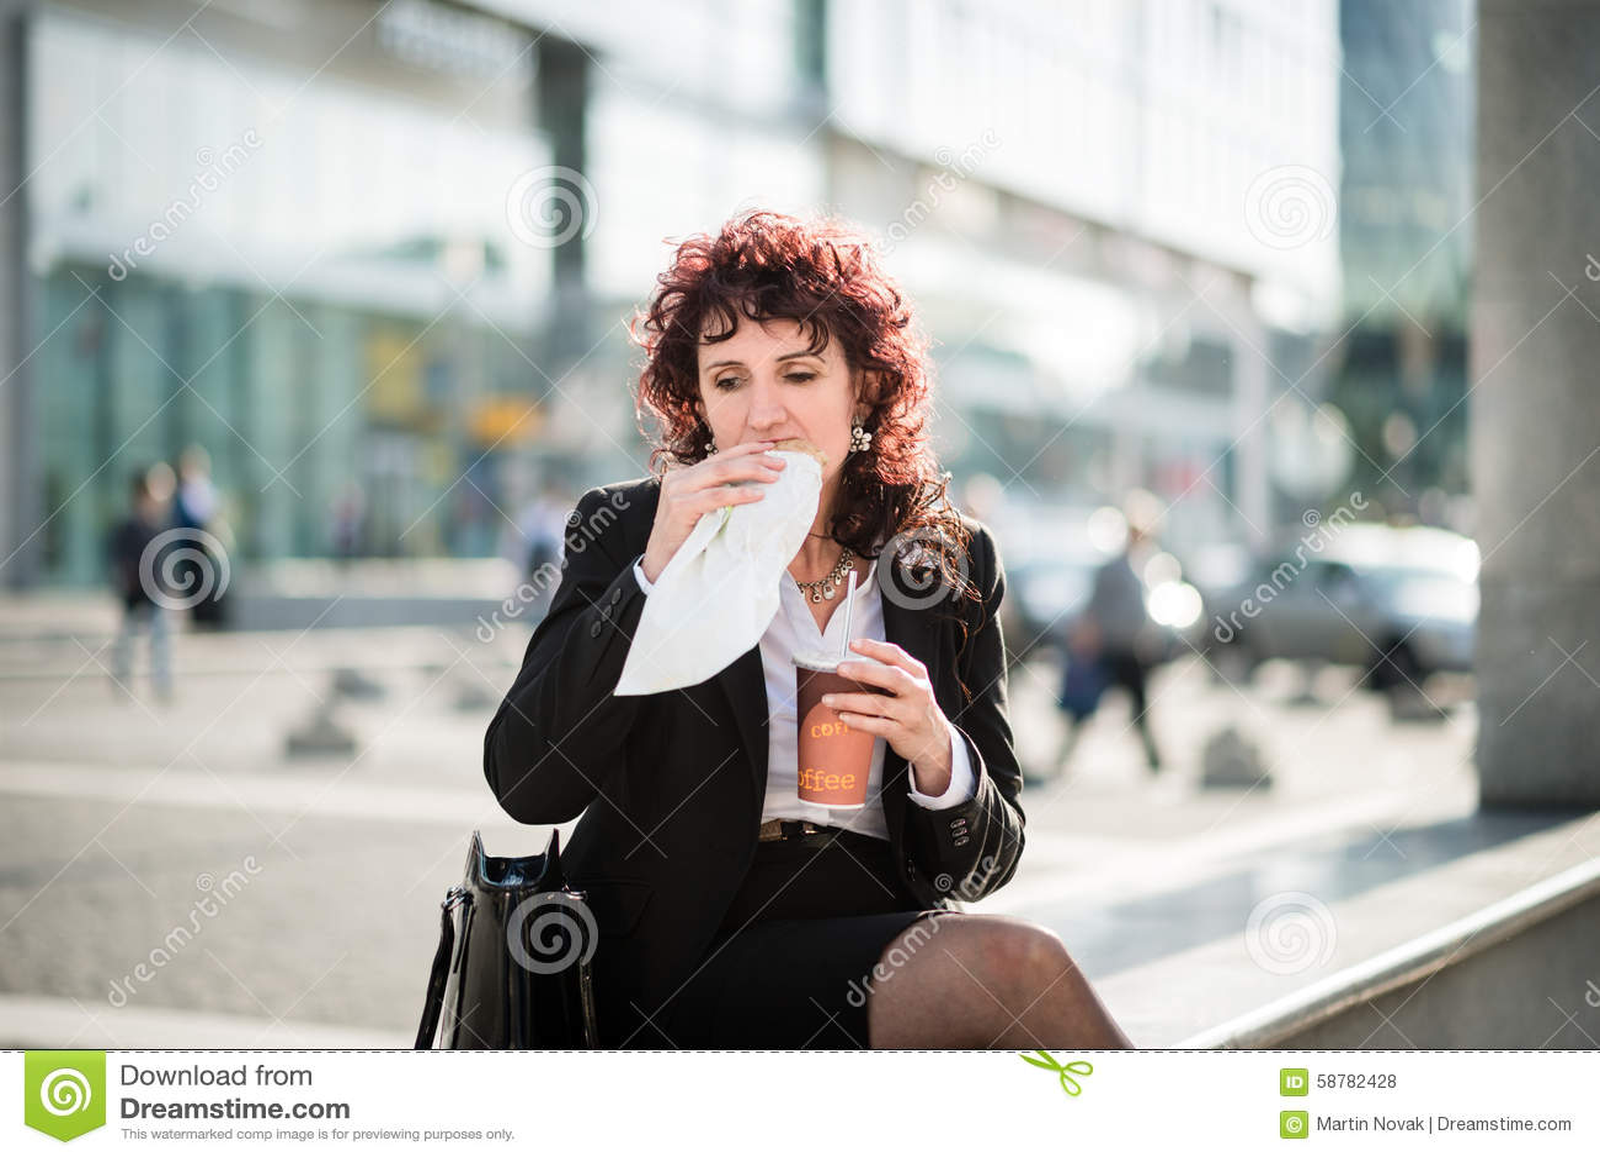 Almuerzo rápido - mujer de negocios que come en calle